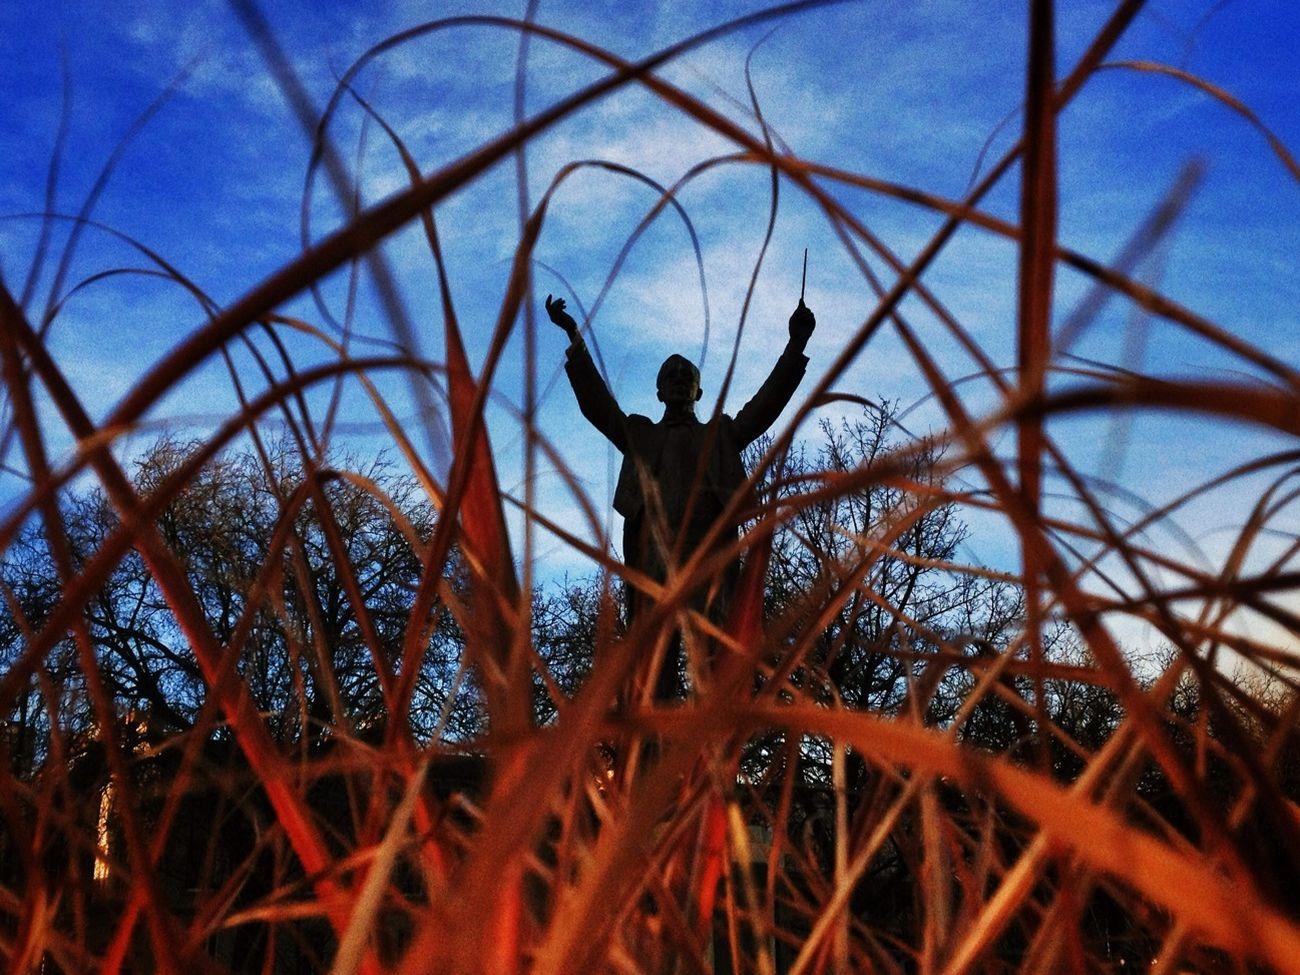 Gustav Holst statue in Imperial Gardens, Cheltenham